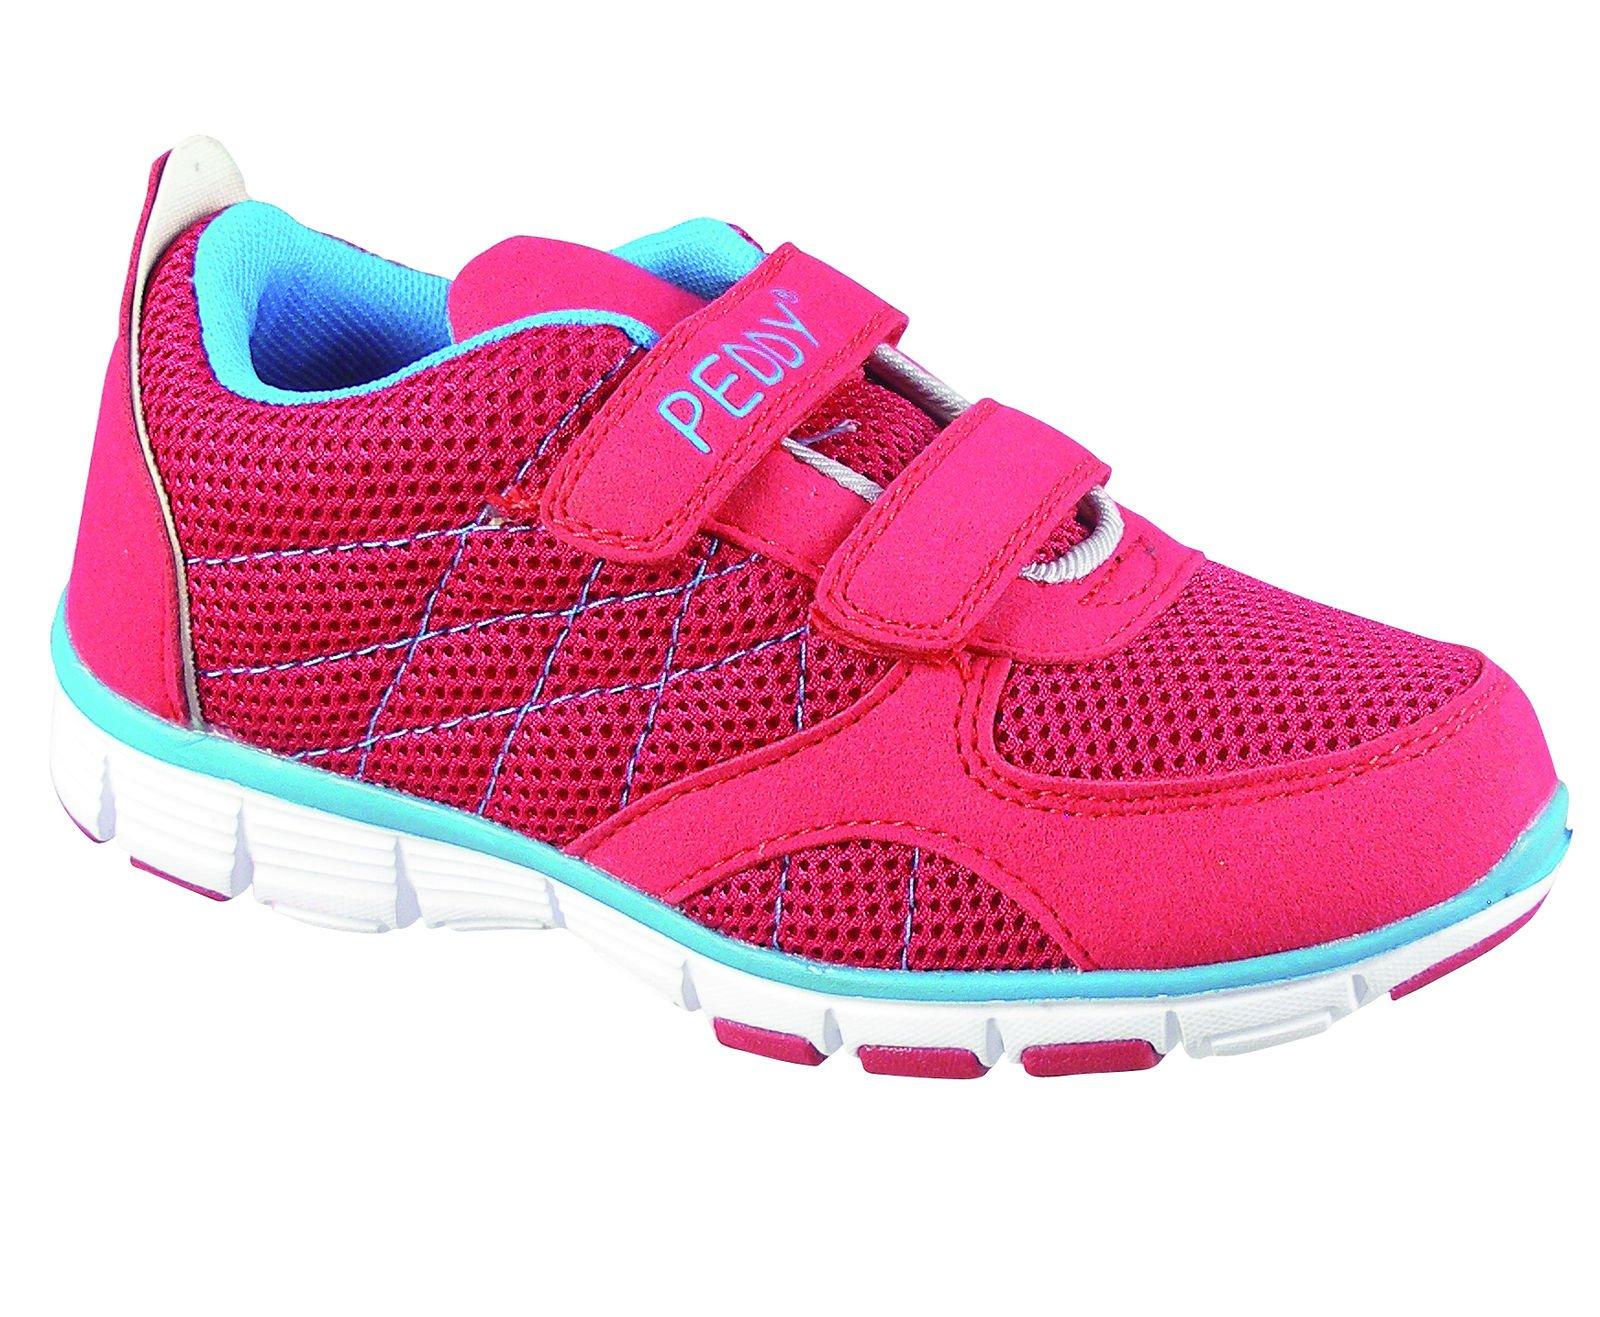 Peddy Dievčenské tenisky - ružové 6d318fcf52c